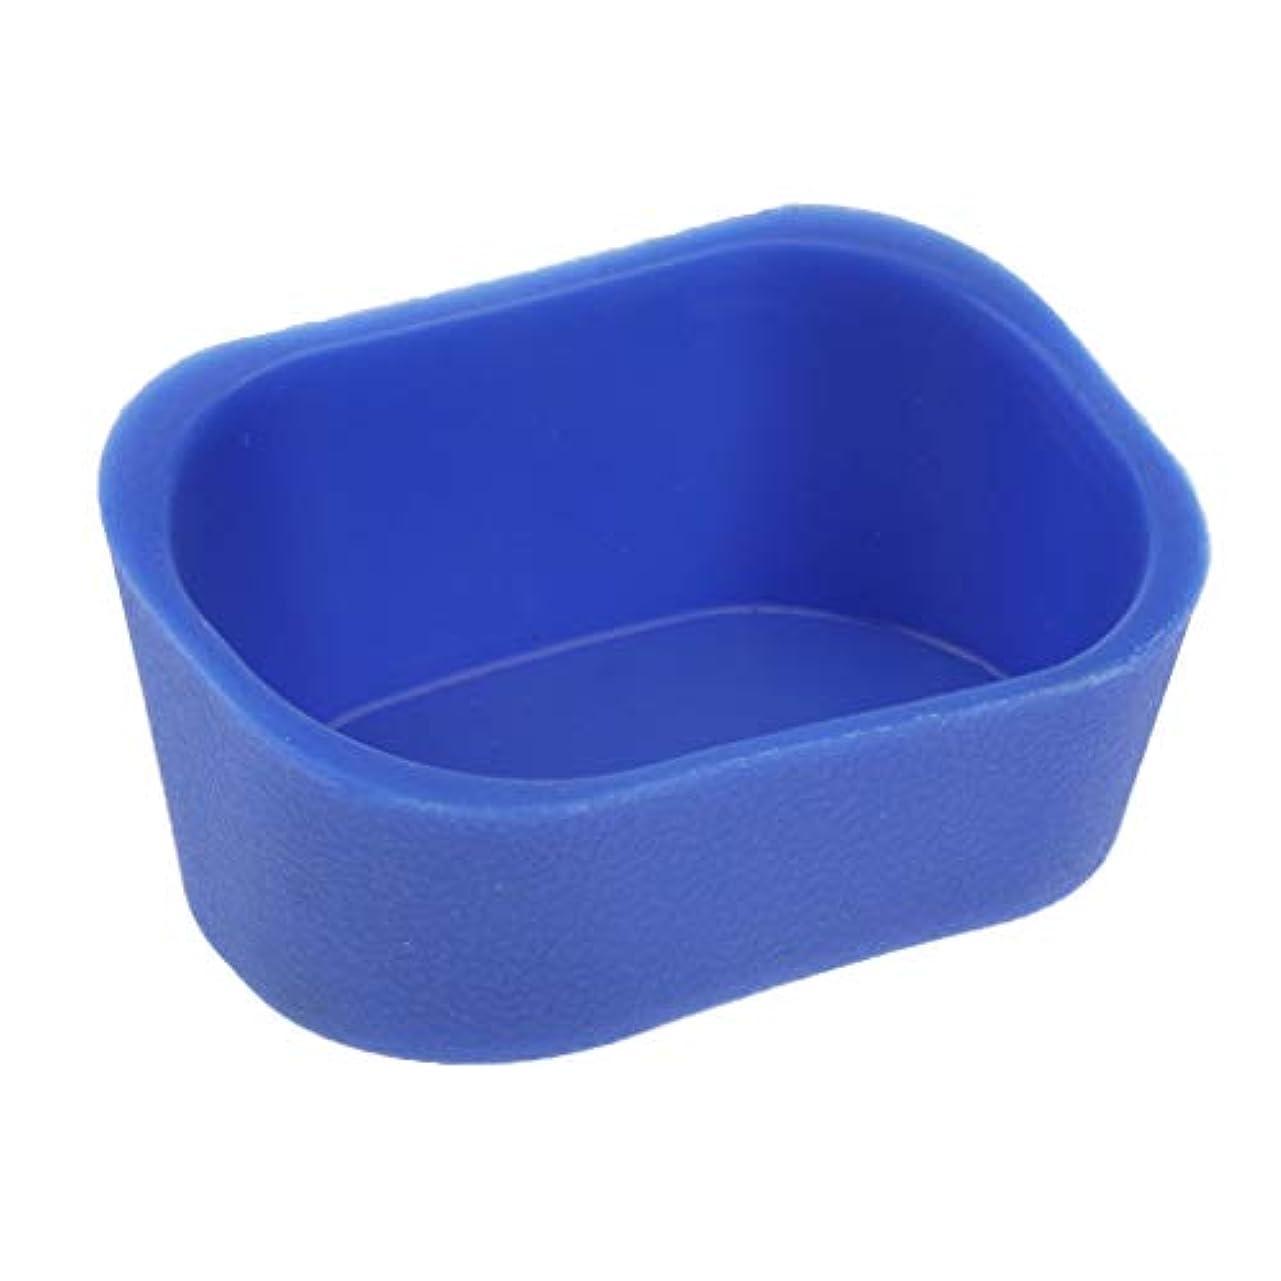 放棄何葉巻サロンネックピロー シャンプーボウル ネックレス クッション ピロー サロン 5色選べ - 青